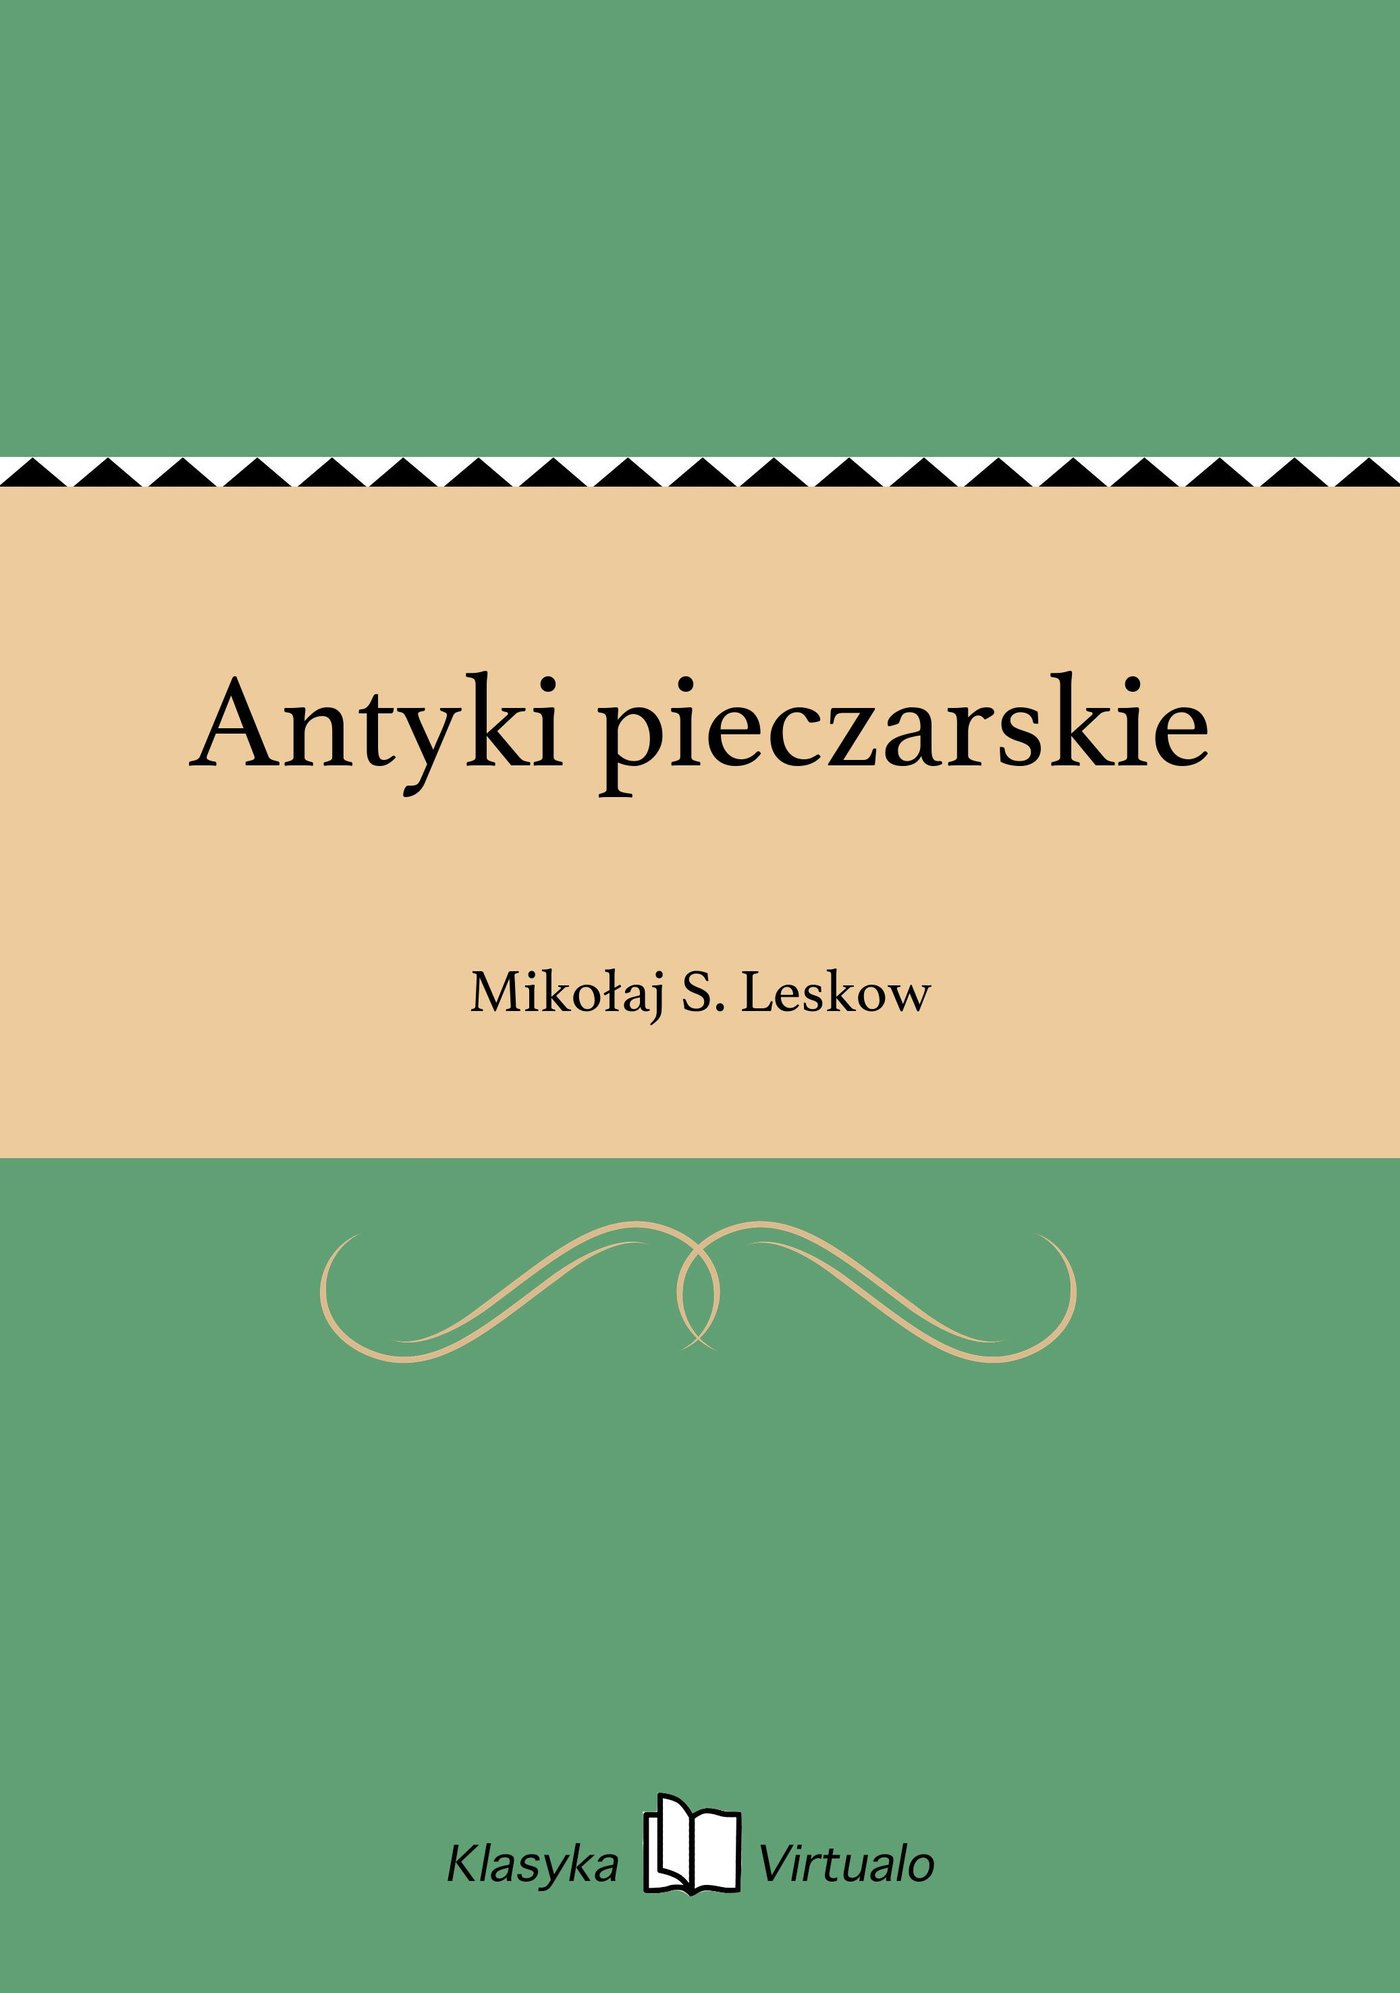 Antyki pieczarskie - Ebook (Książka na Kindle) do pobrania w formacie MOBI